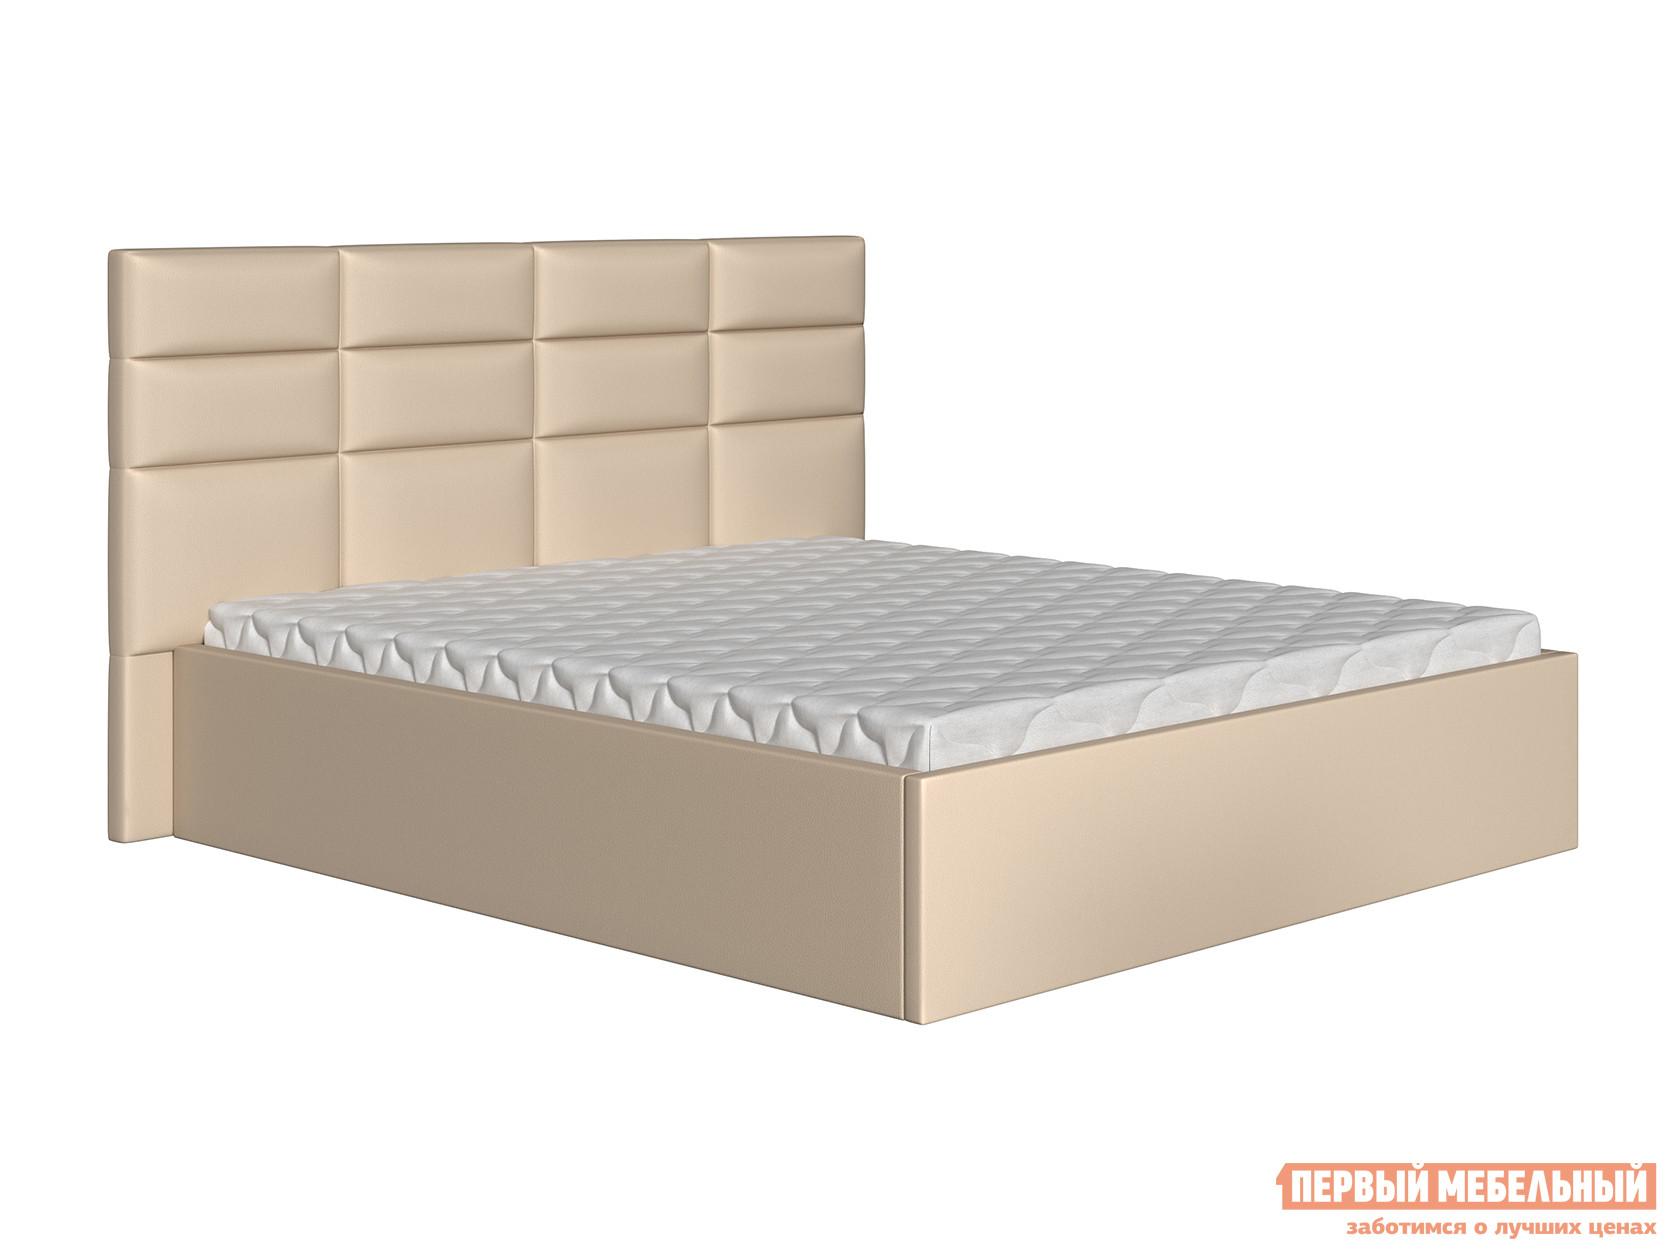 Двуспальная кровать Первый Мебельный Кровать Коста